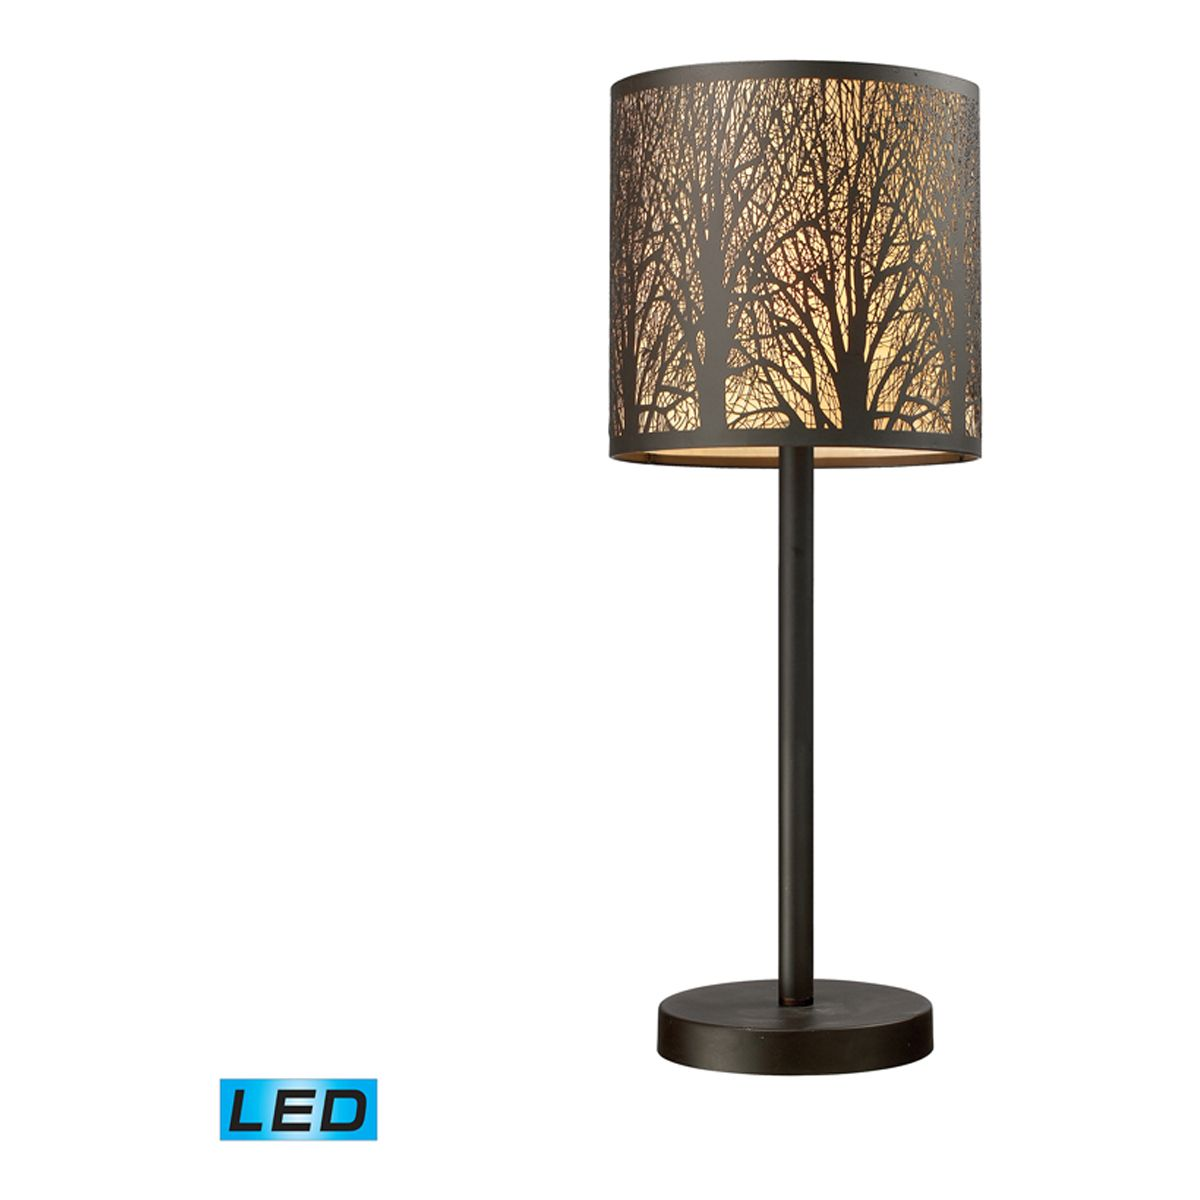 DM-31072/1-LED   Dimond Lighting   Pinterest